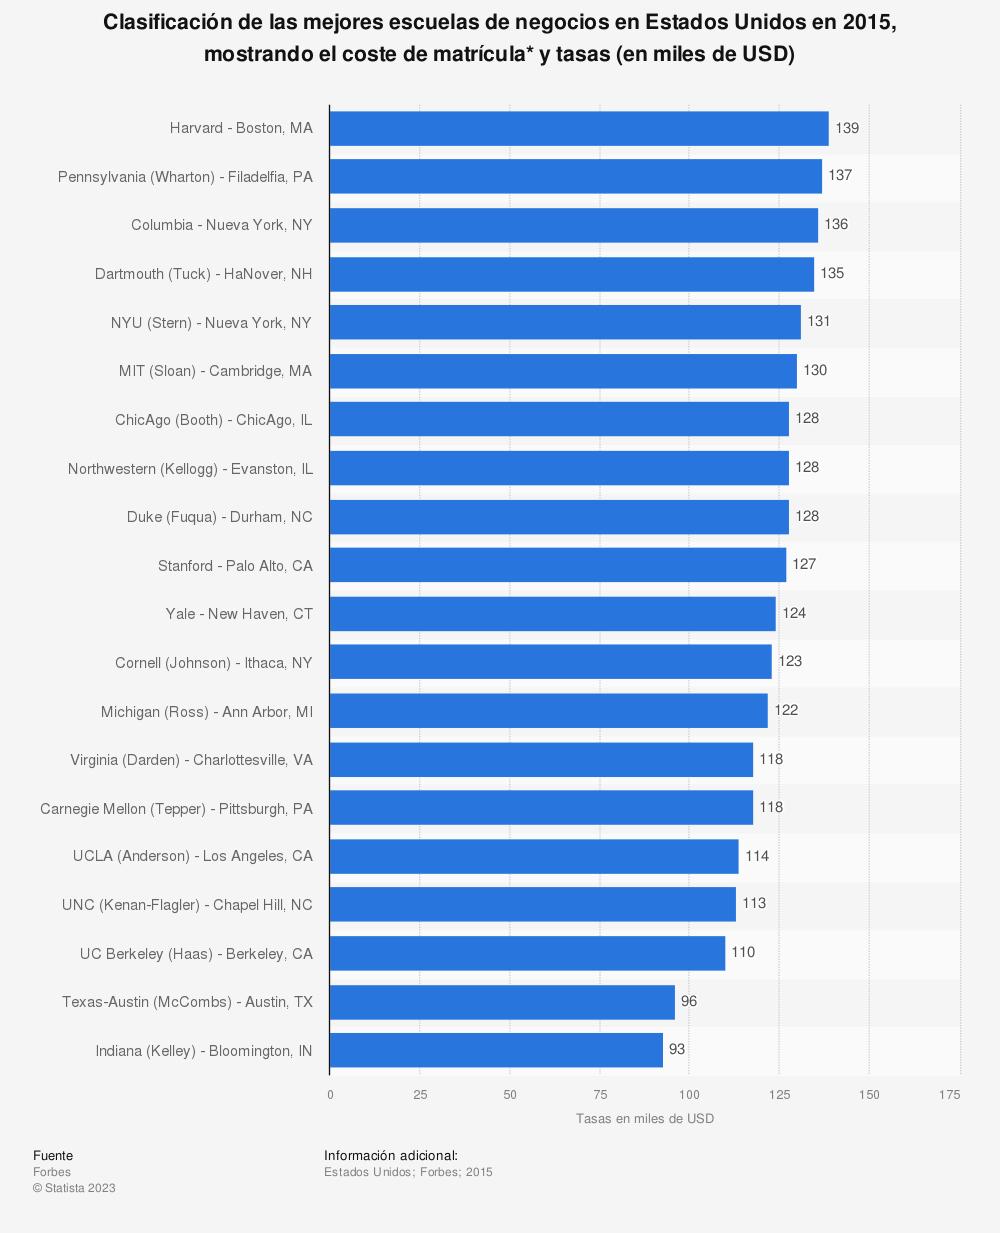 Estadística: Clasificación de las mejores escuelas de negocios en Estados Unidos en 2015, mostrando el coste de matrícula* y tasas (en miles de USD) | Statista